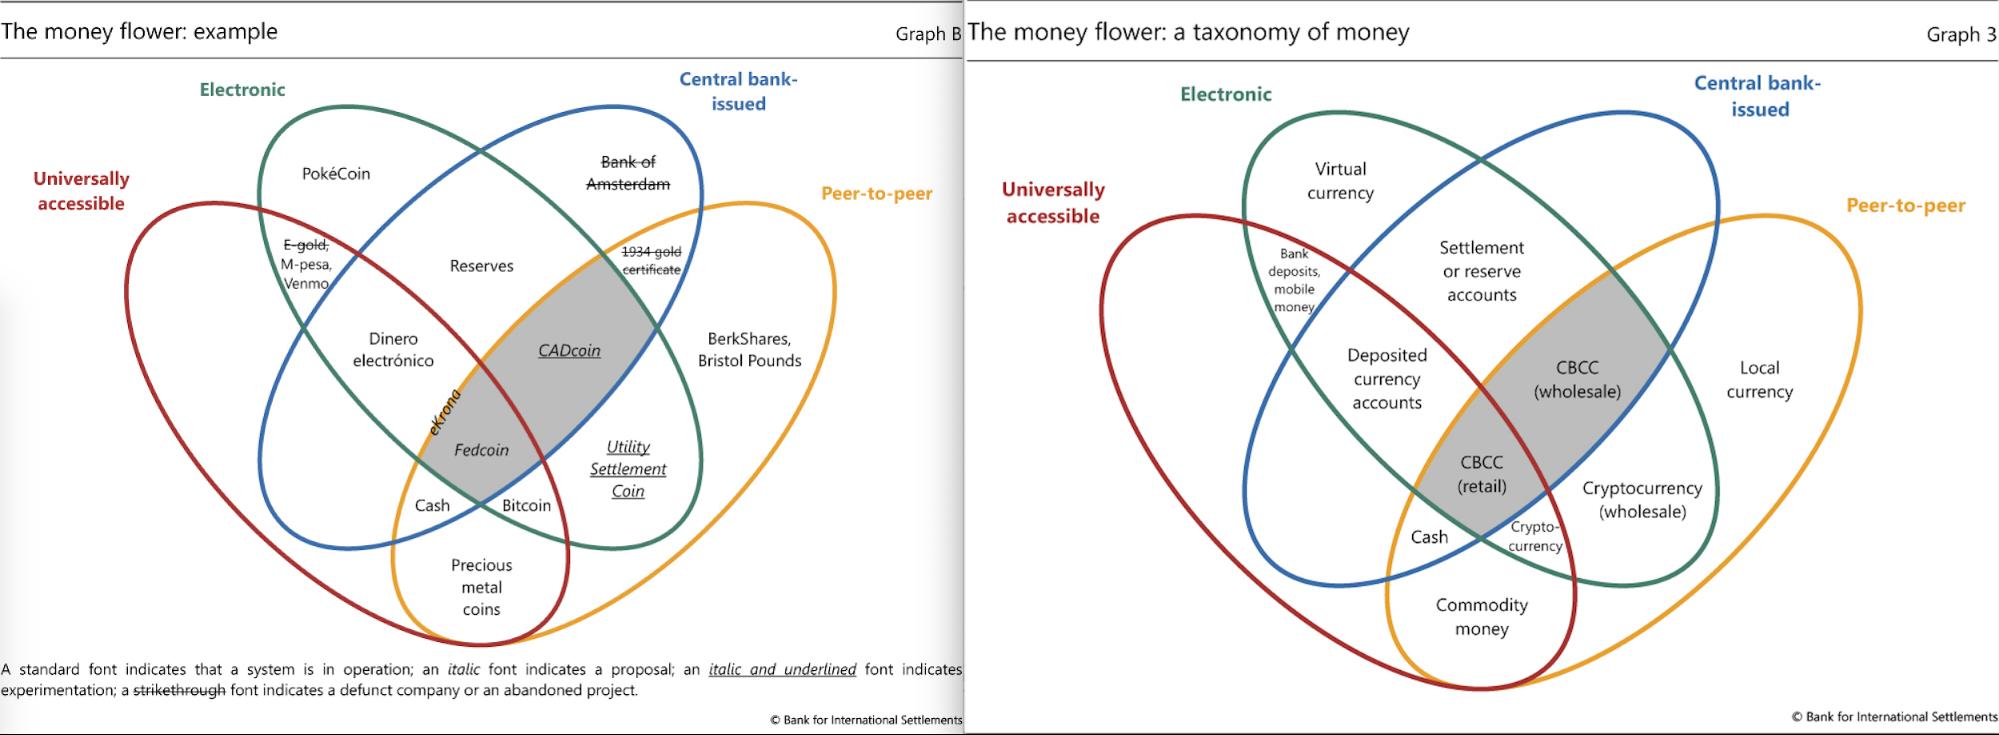 money-flower-graphic